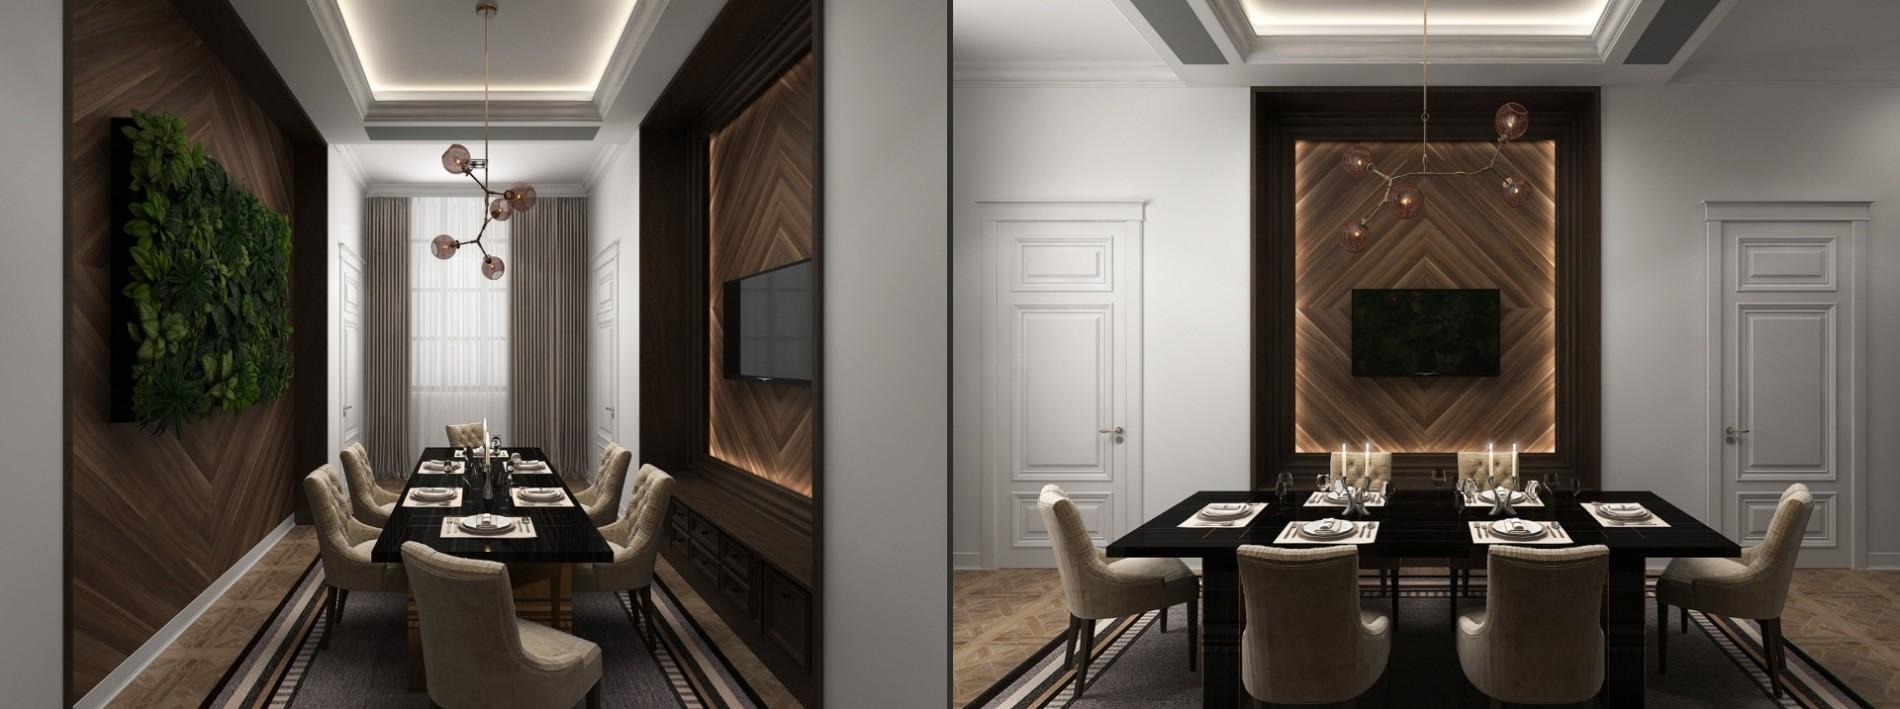 Дизайн офисного пространства г. Москва